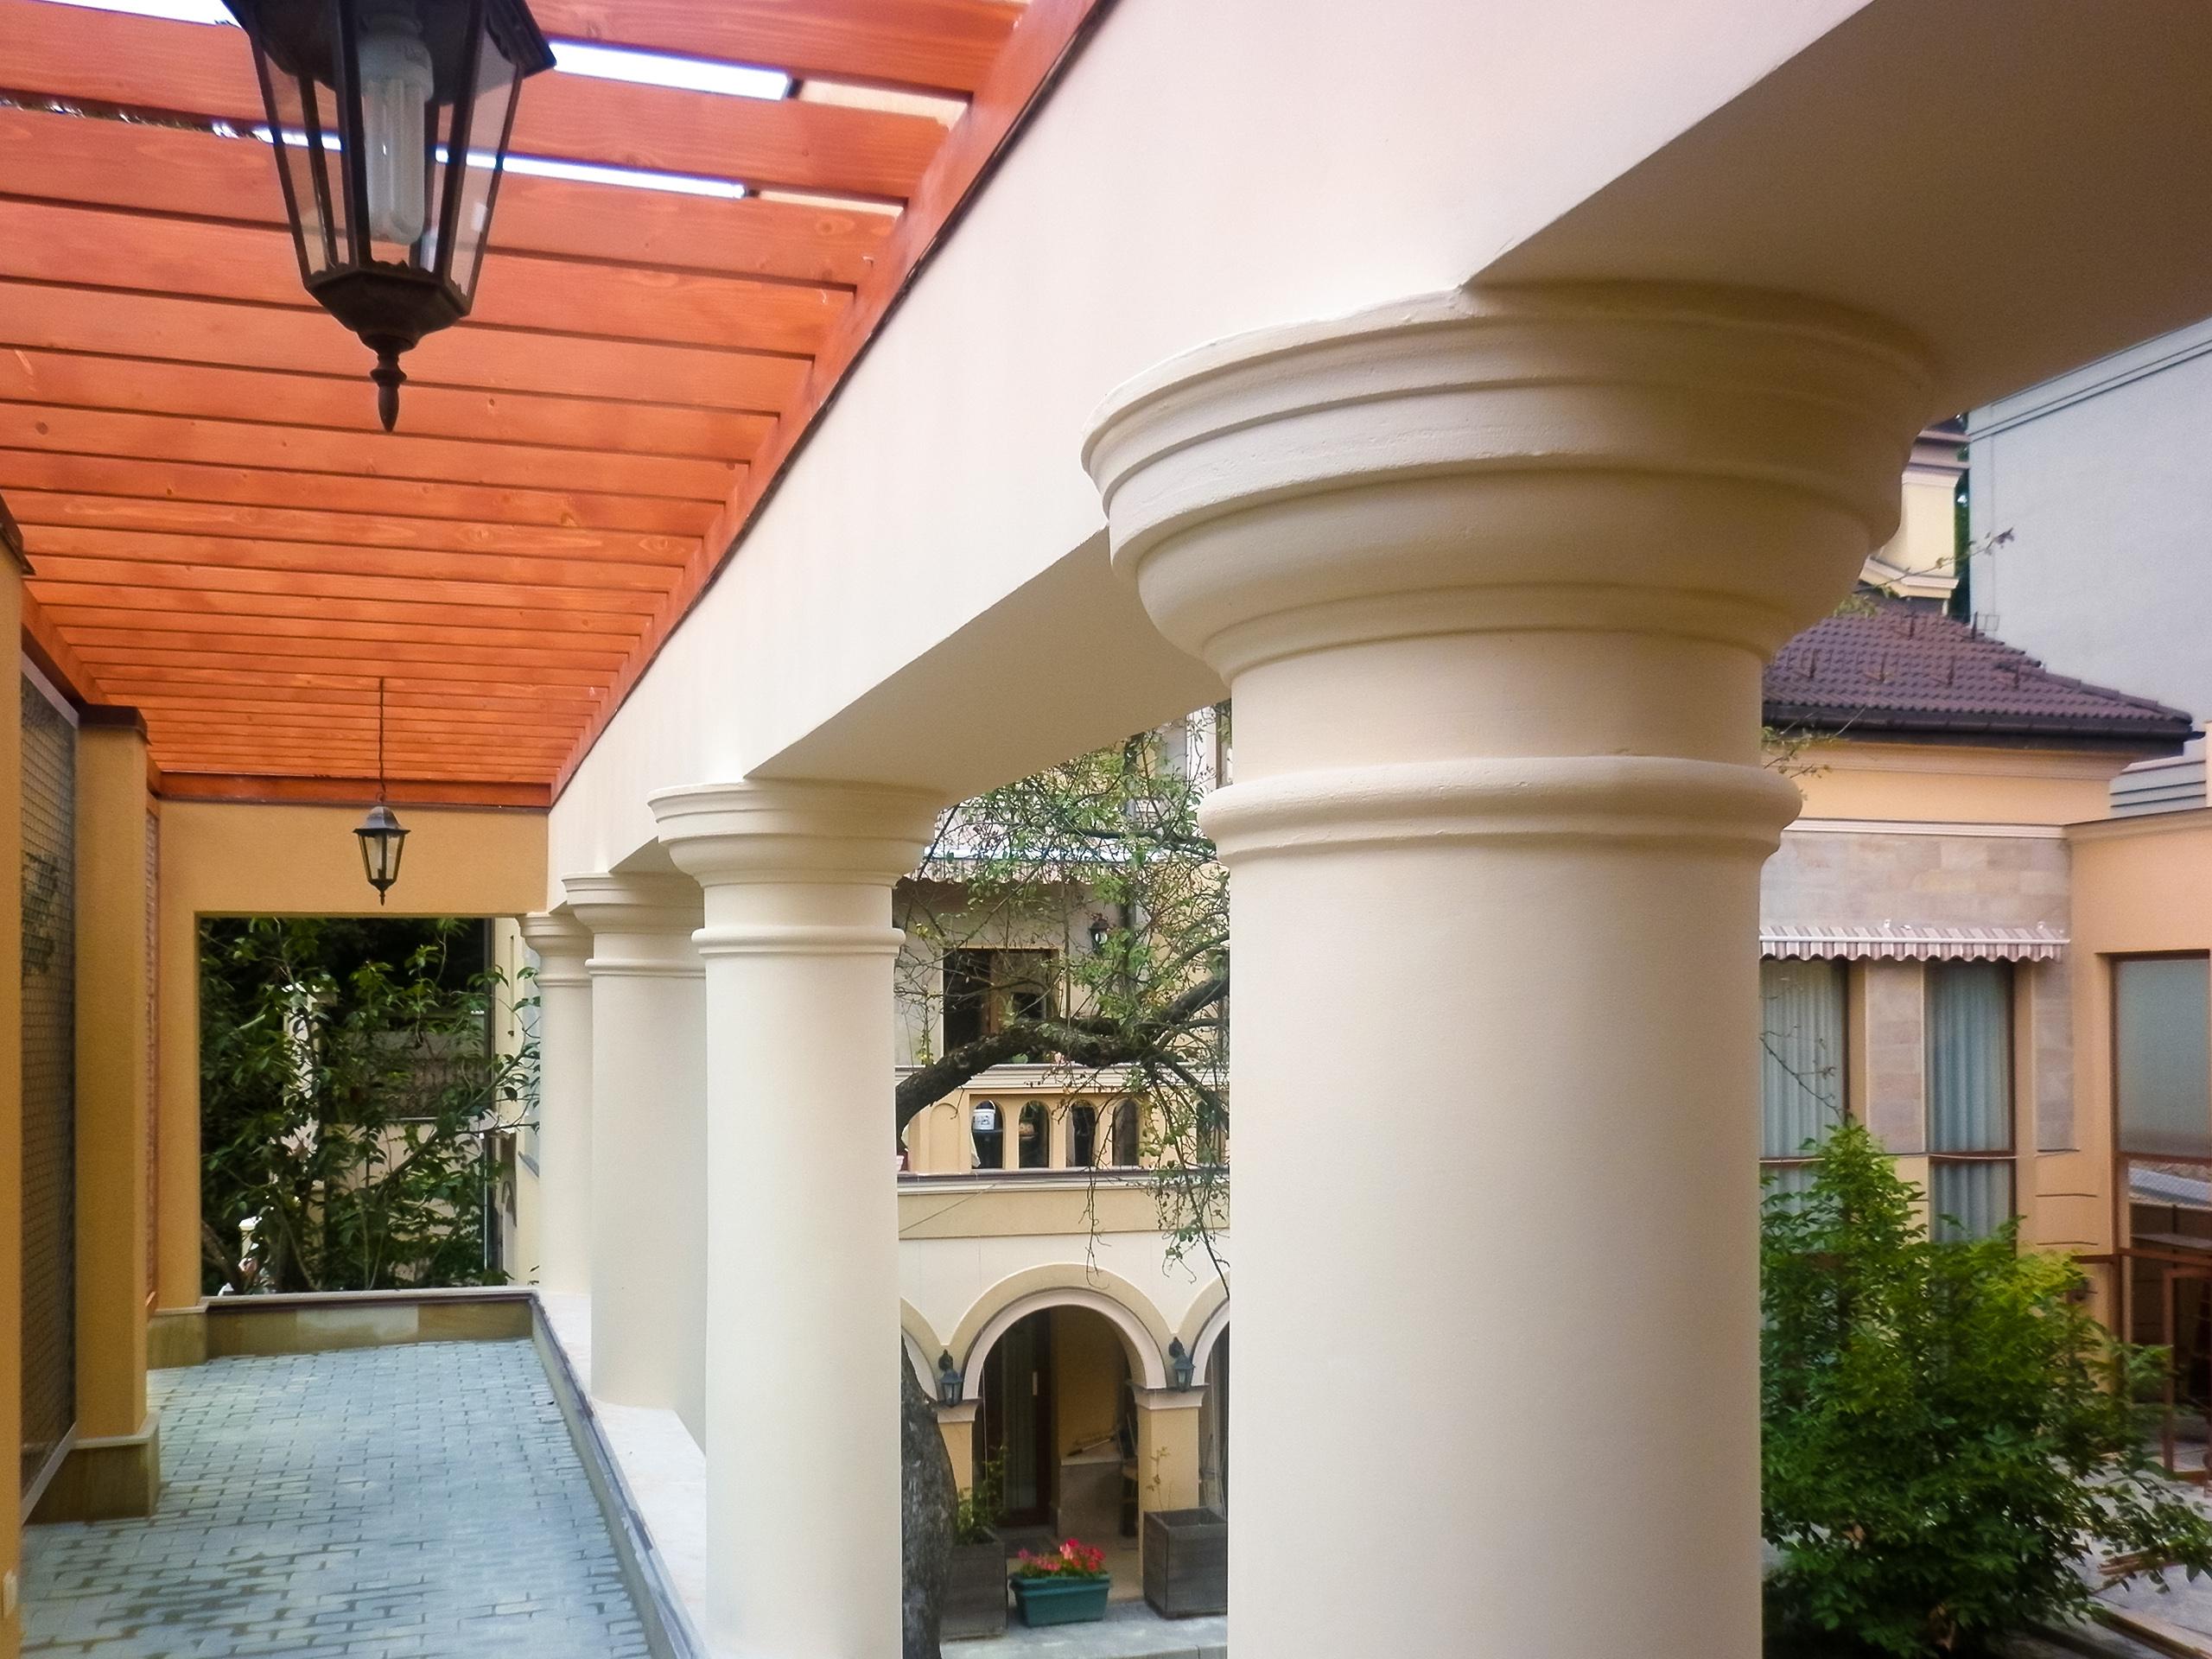 колони на фасад будинку